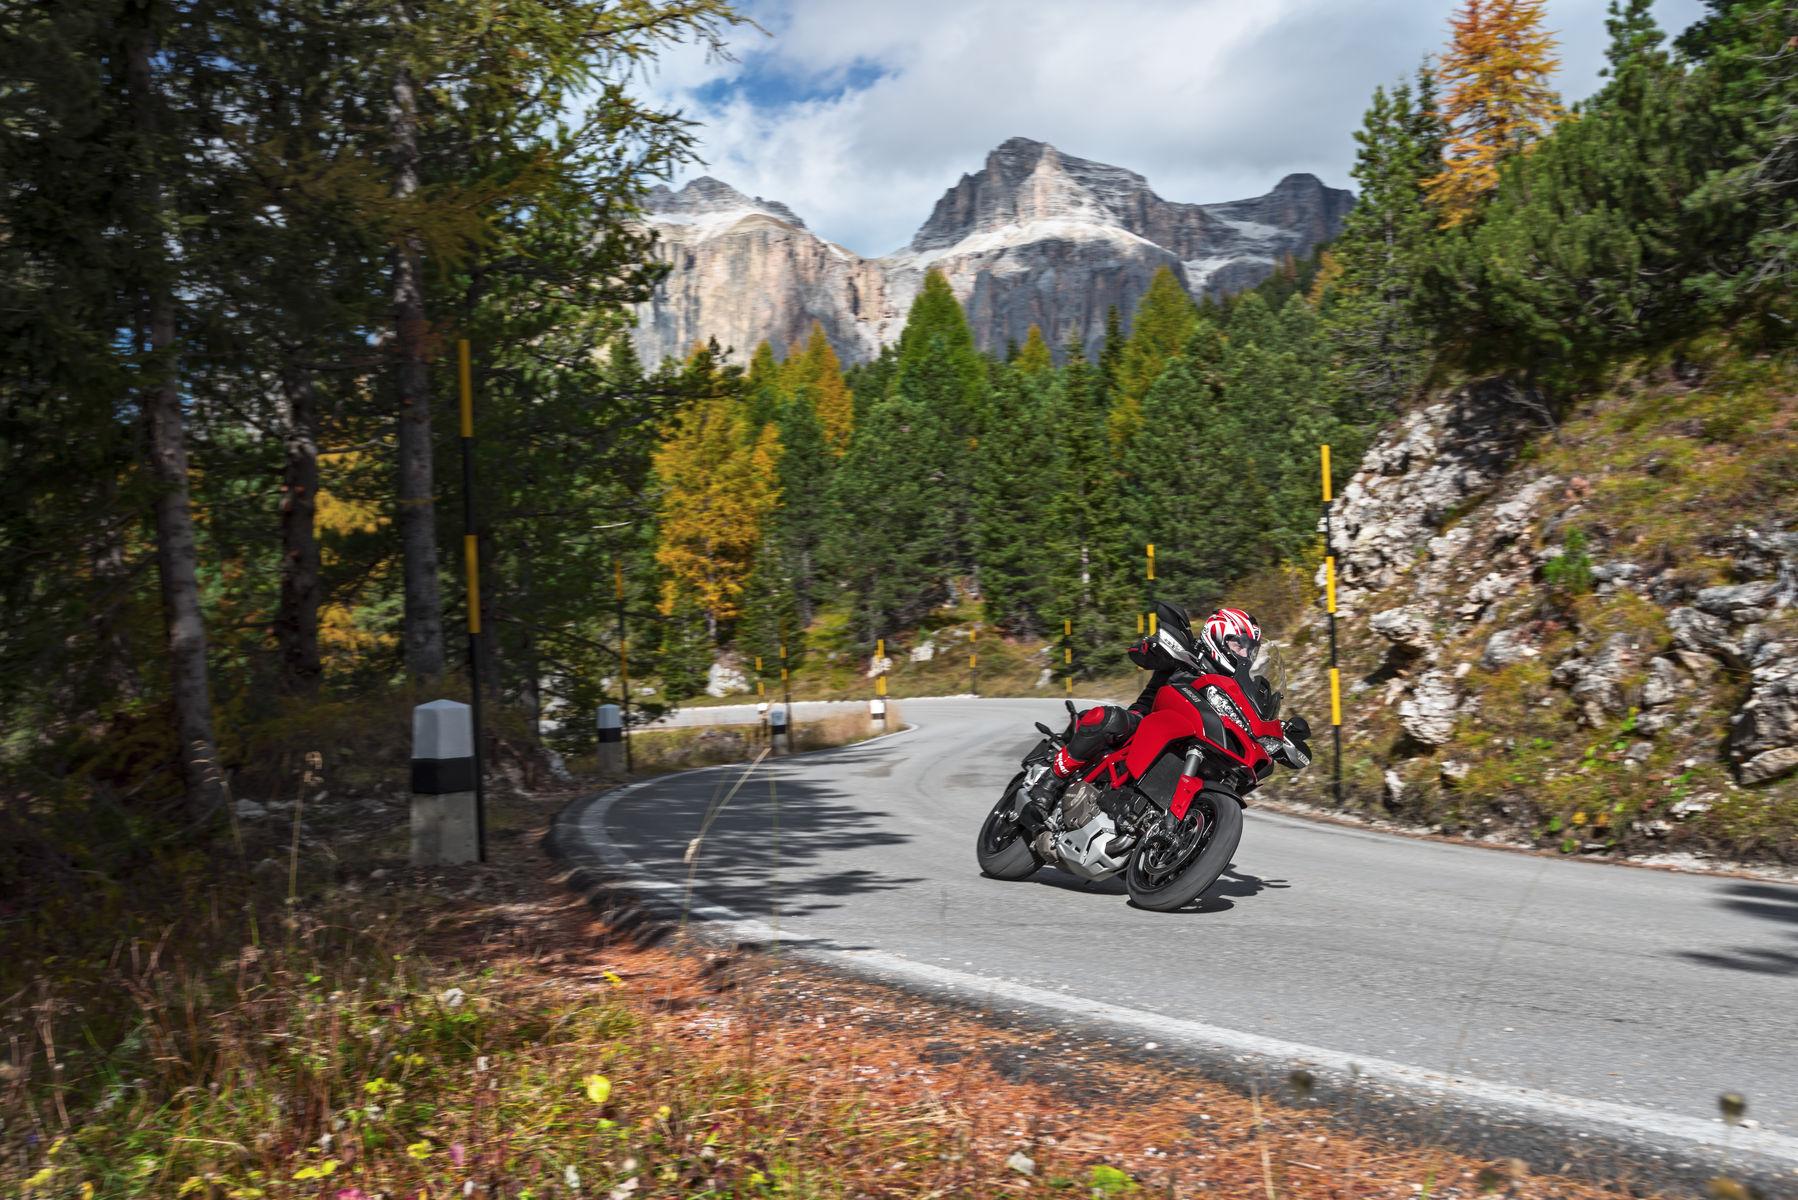 2015 Ducati Multistrada 1200 S | Multistrada 1200 S - Canyon